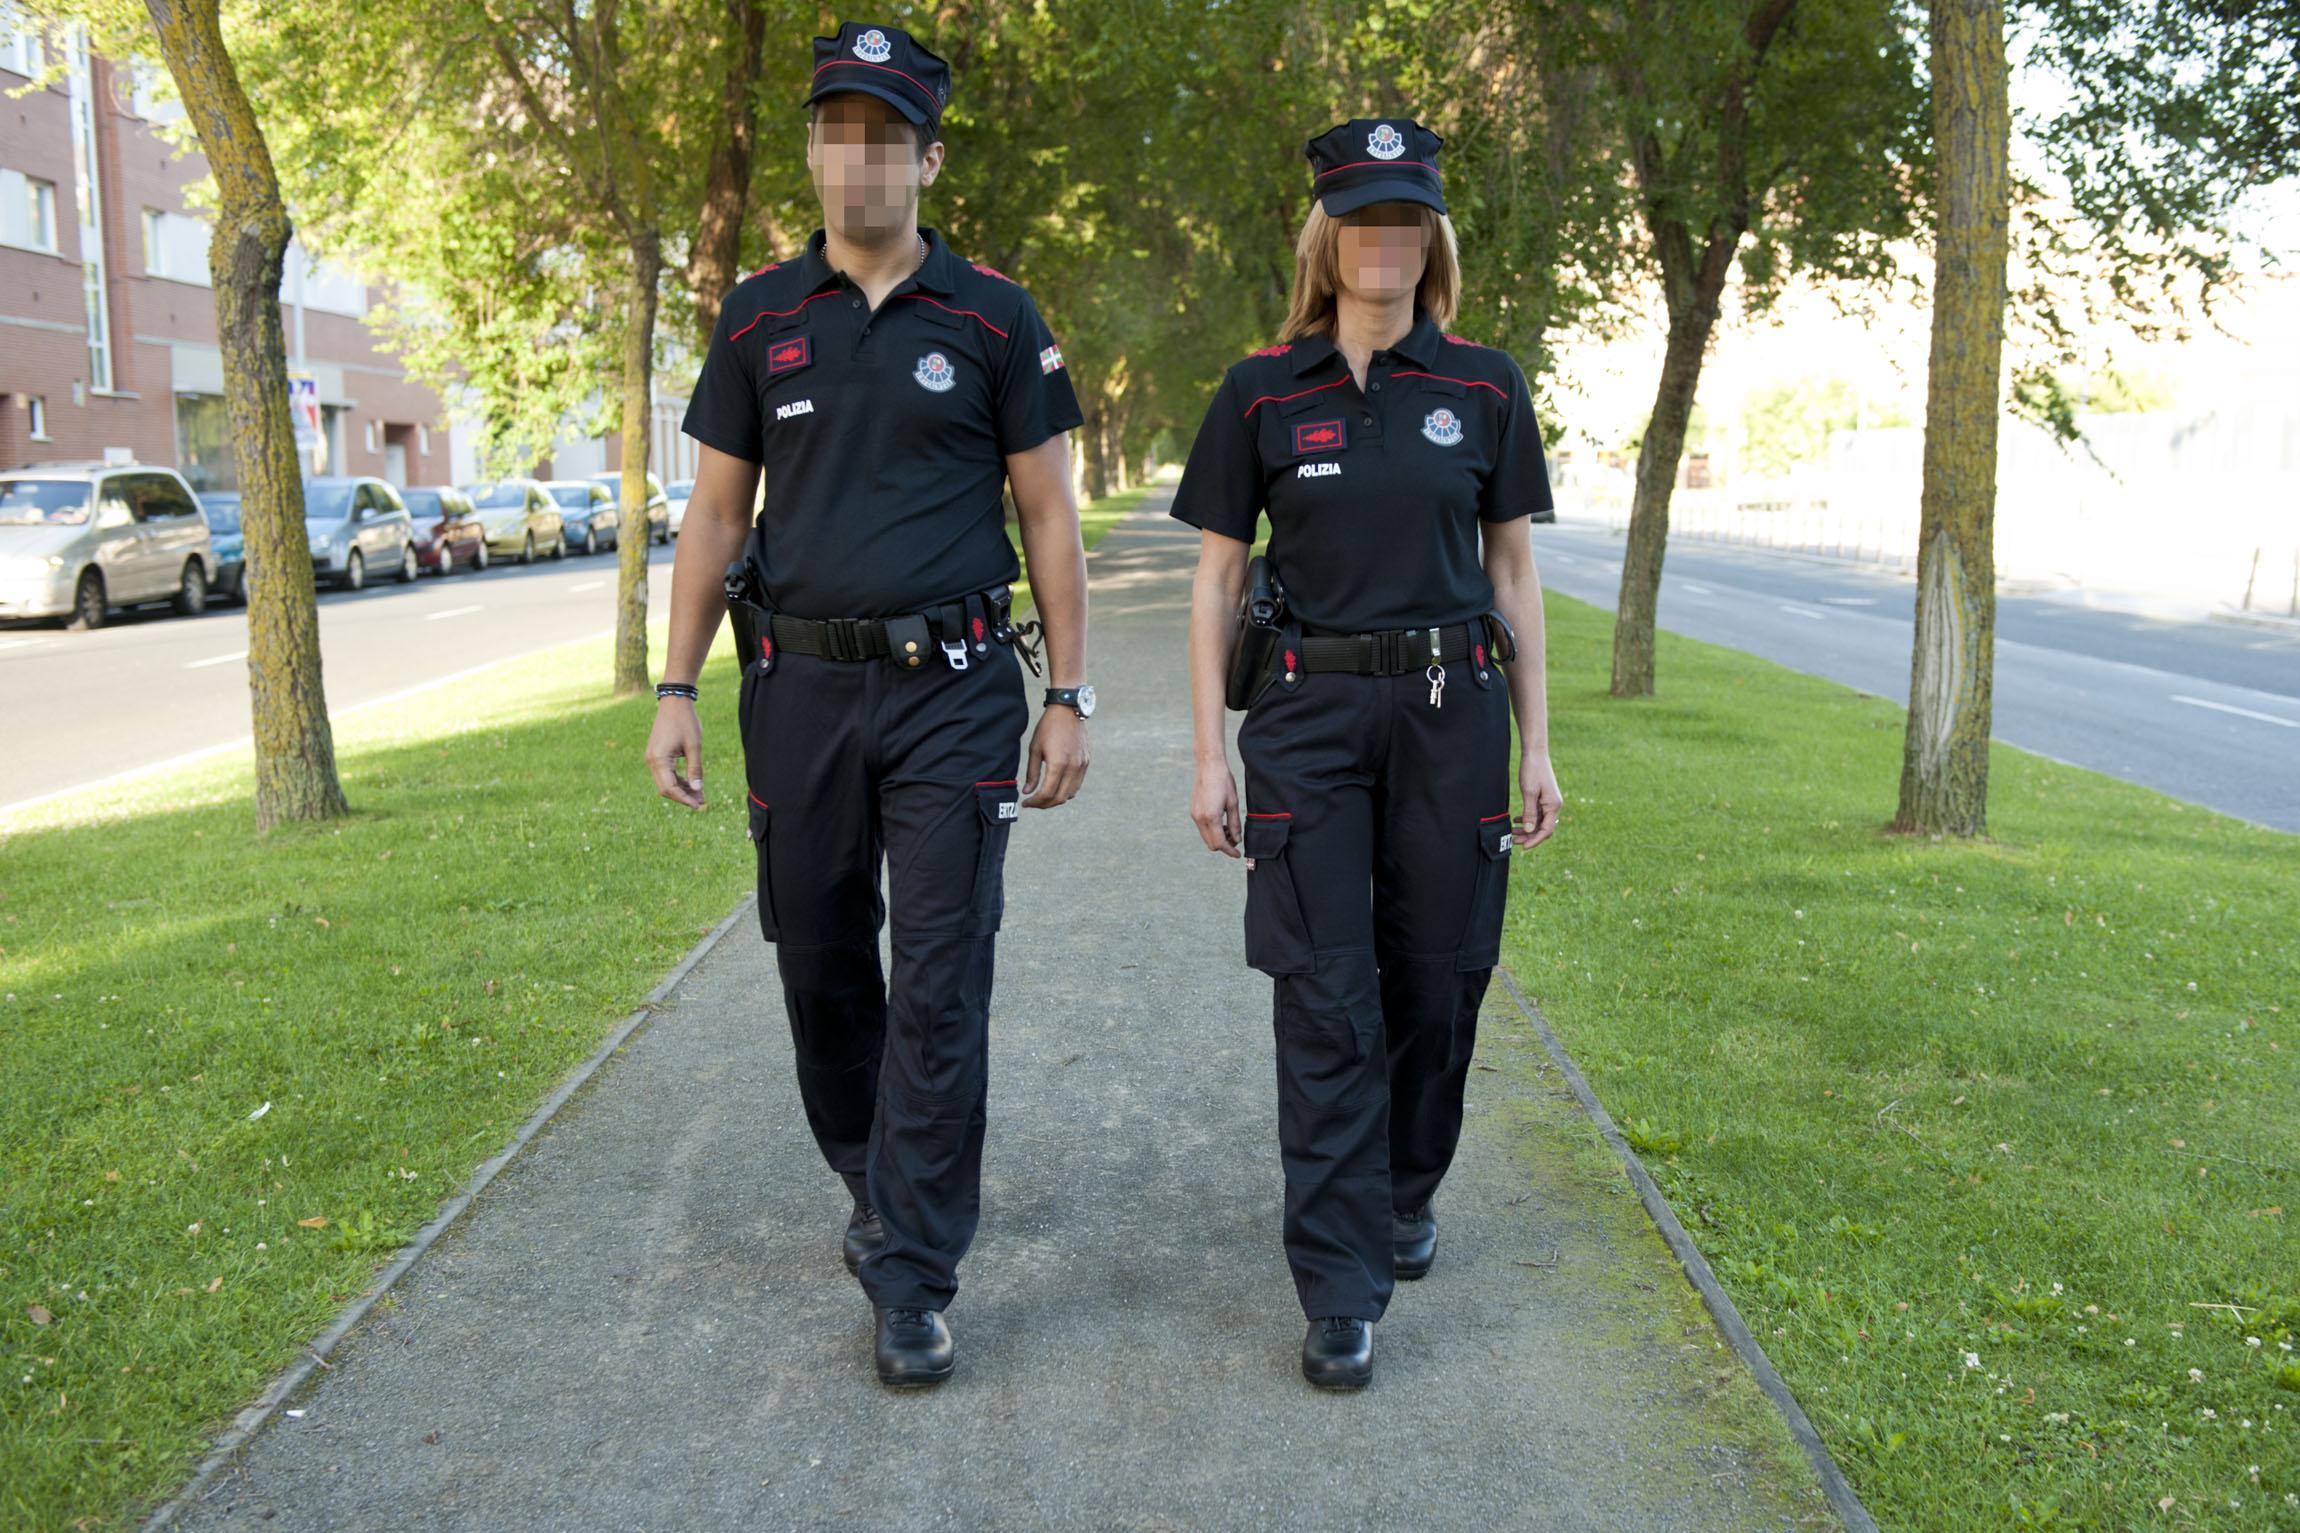 2011_07_23_ertzaintza_uniforme_009.jpg